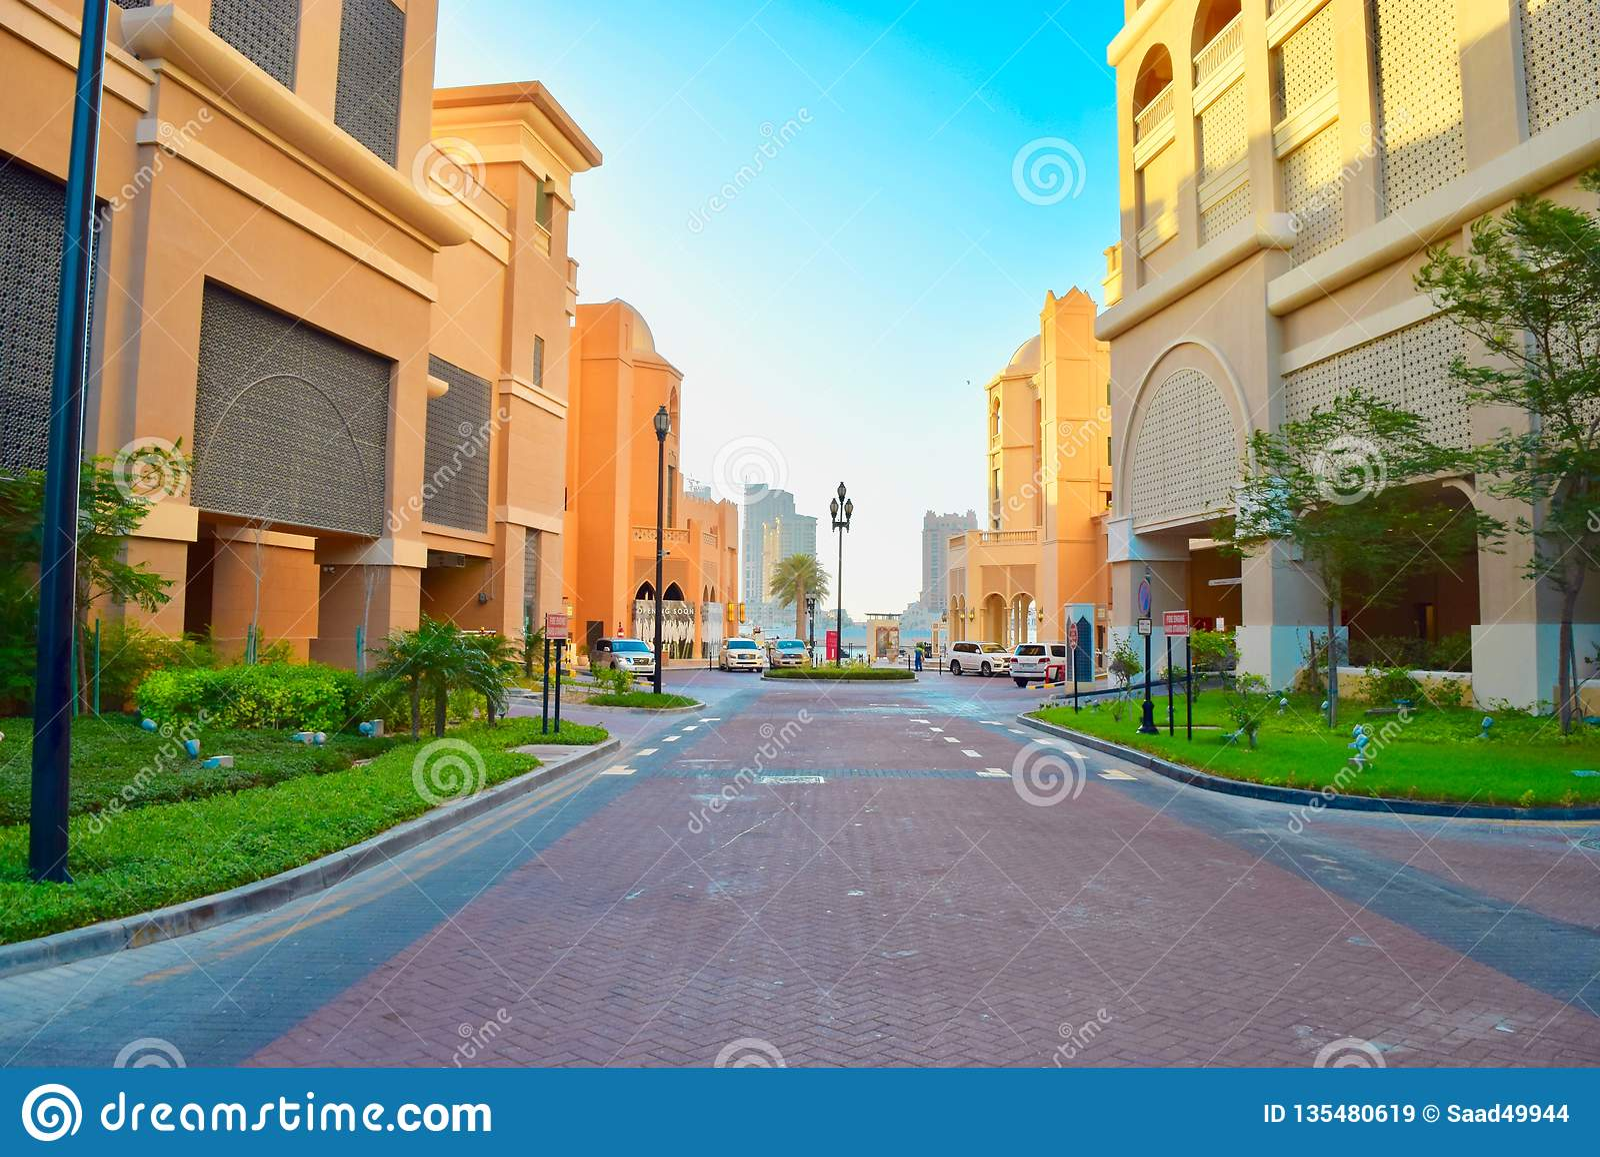 Hermosa vista de una calle en la perla Qatar